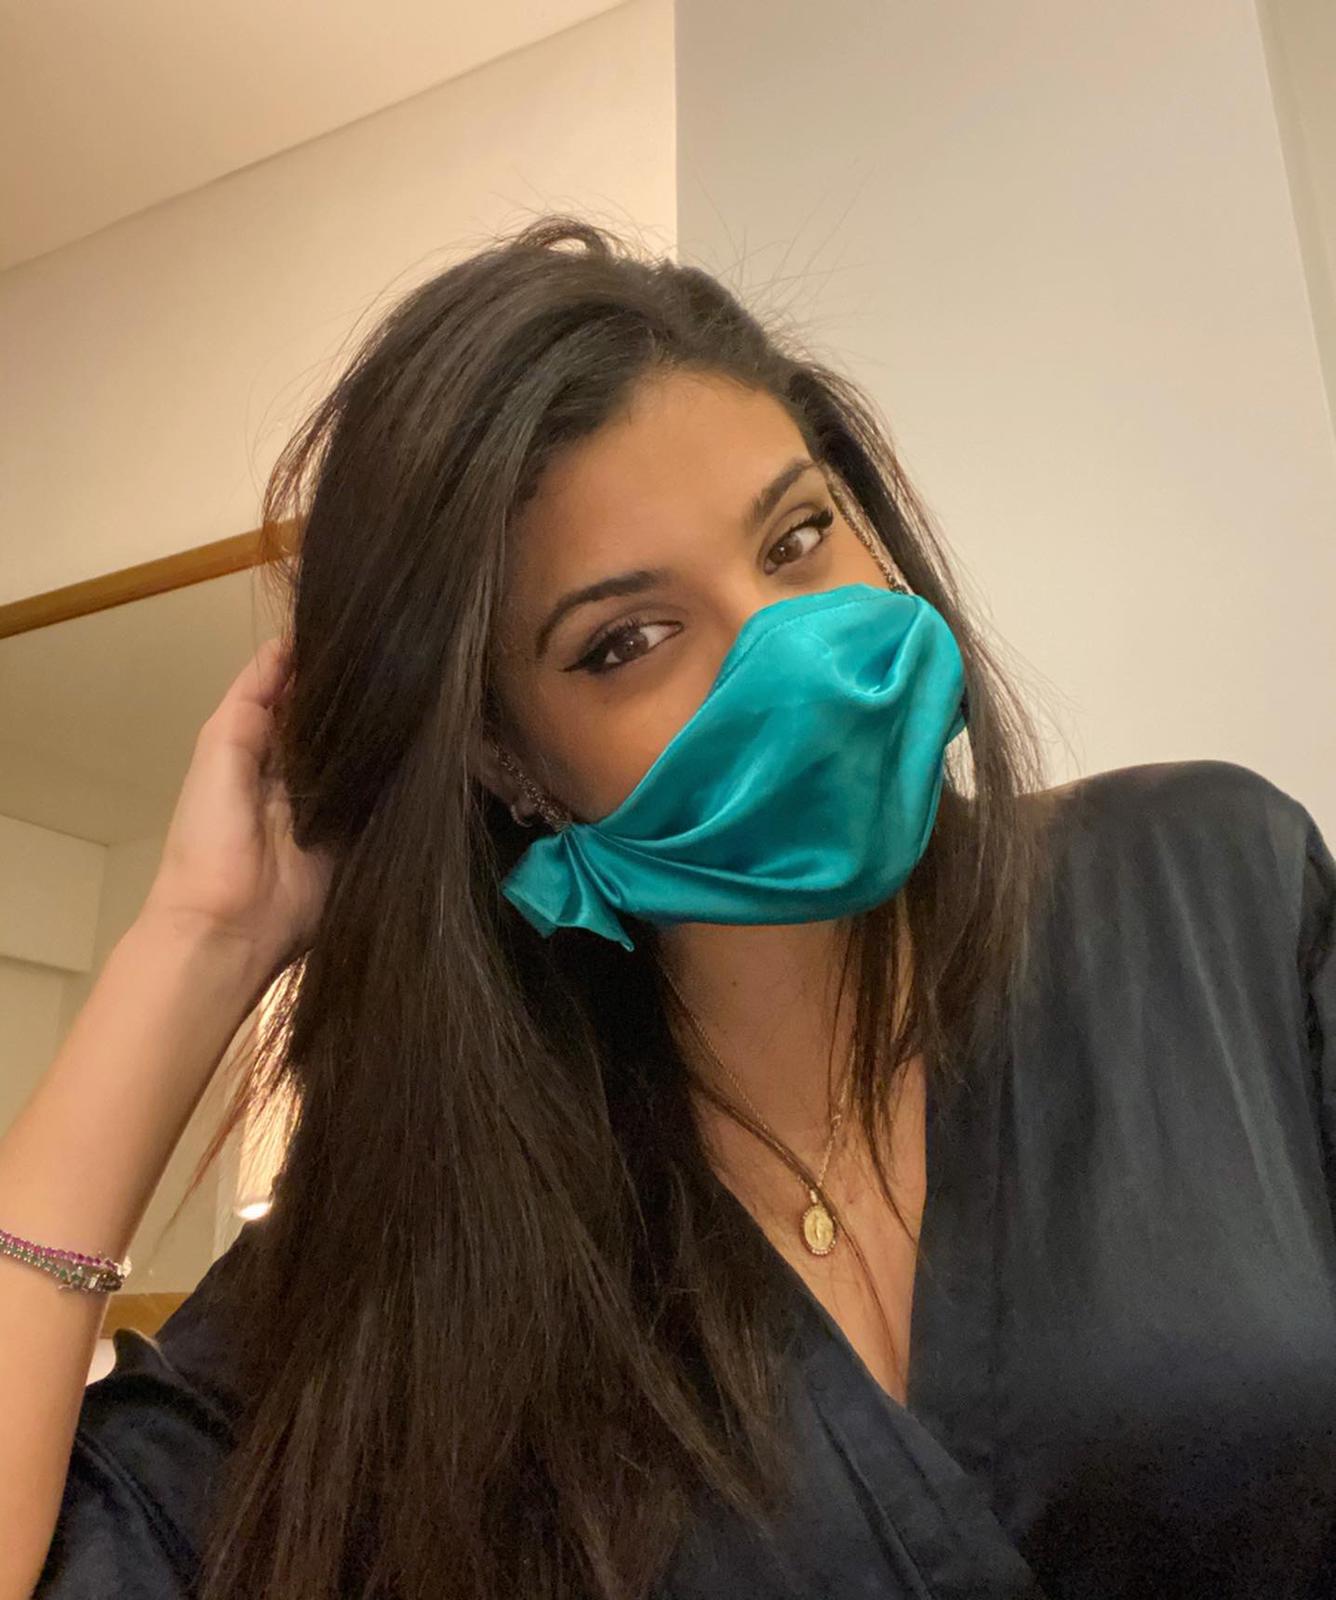 Dubu Mask Eliana Sbaragli, vincitrice del Premio Campania sezione Giovani imprenditrici del settore Moda, lancia sul mercato la Dabu Mask